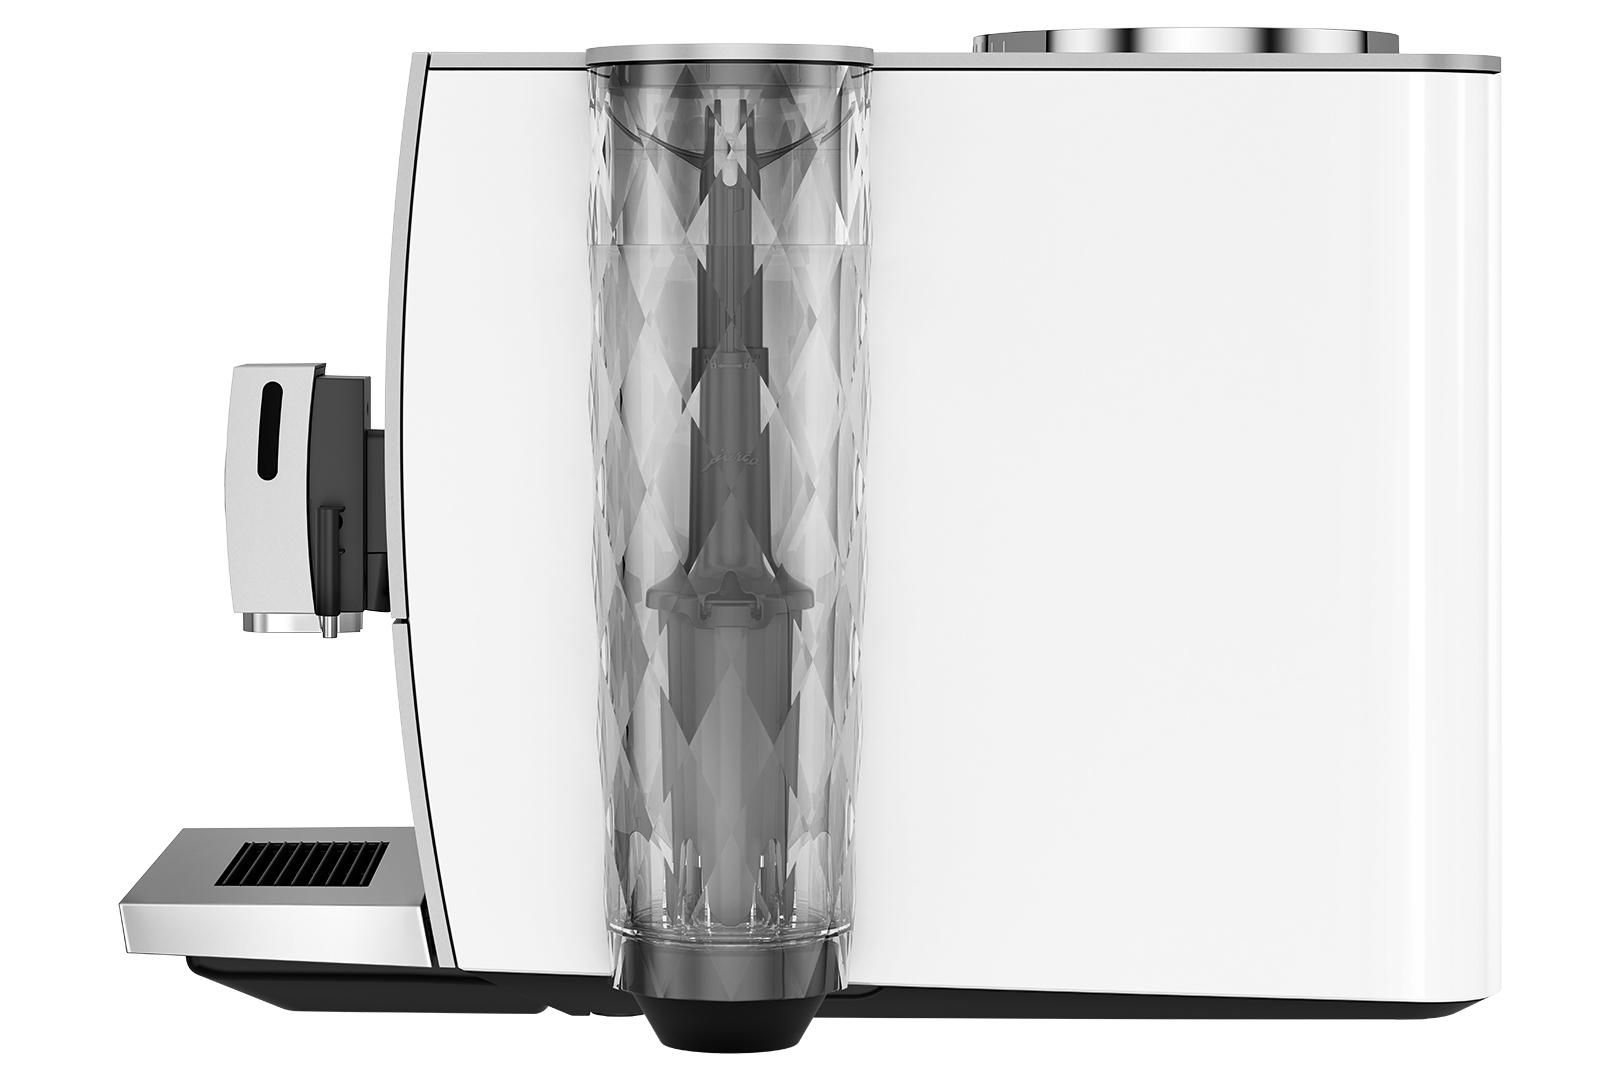 Jura ENA 8 Superautomatic Espresso Machine - Nordic White